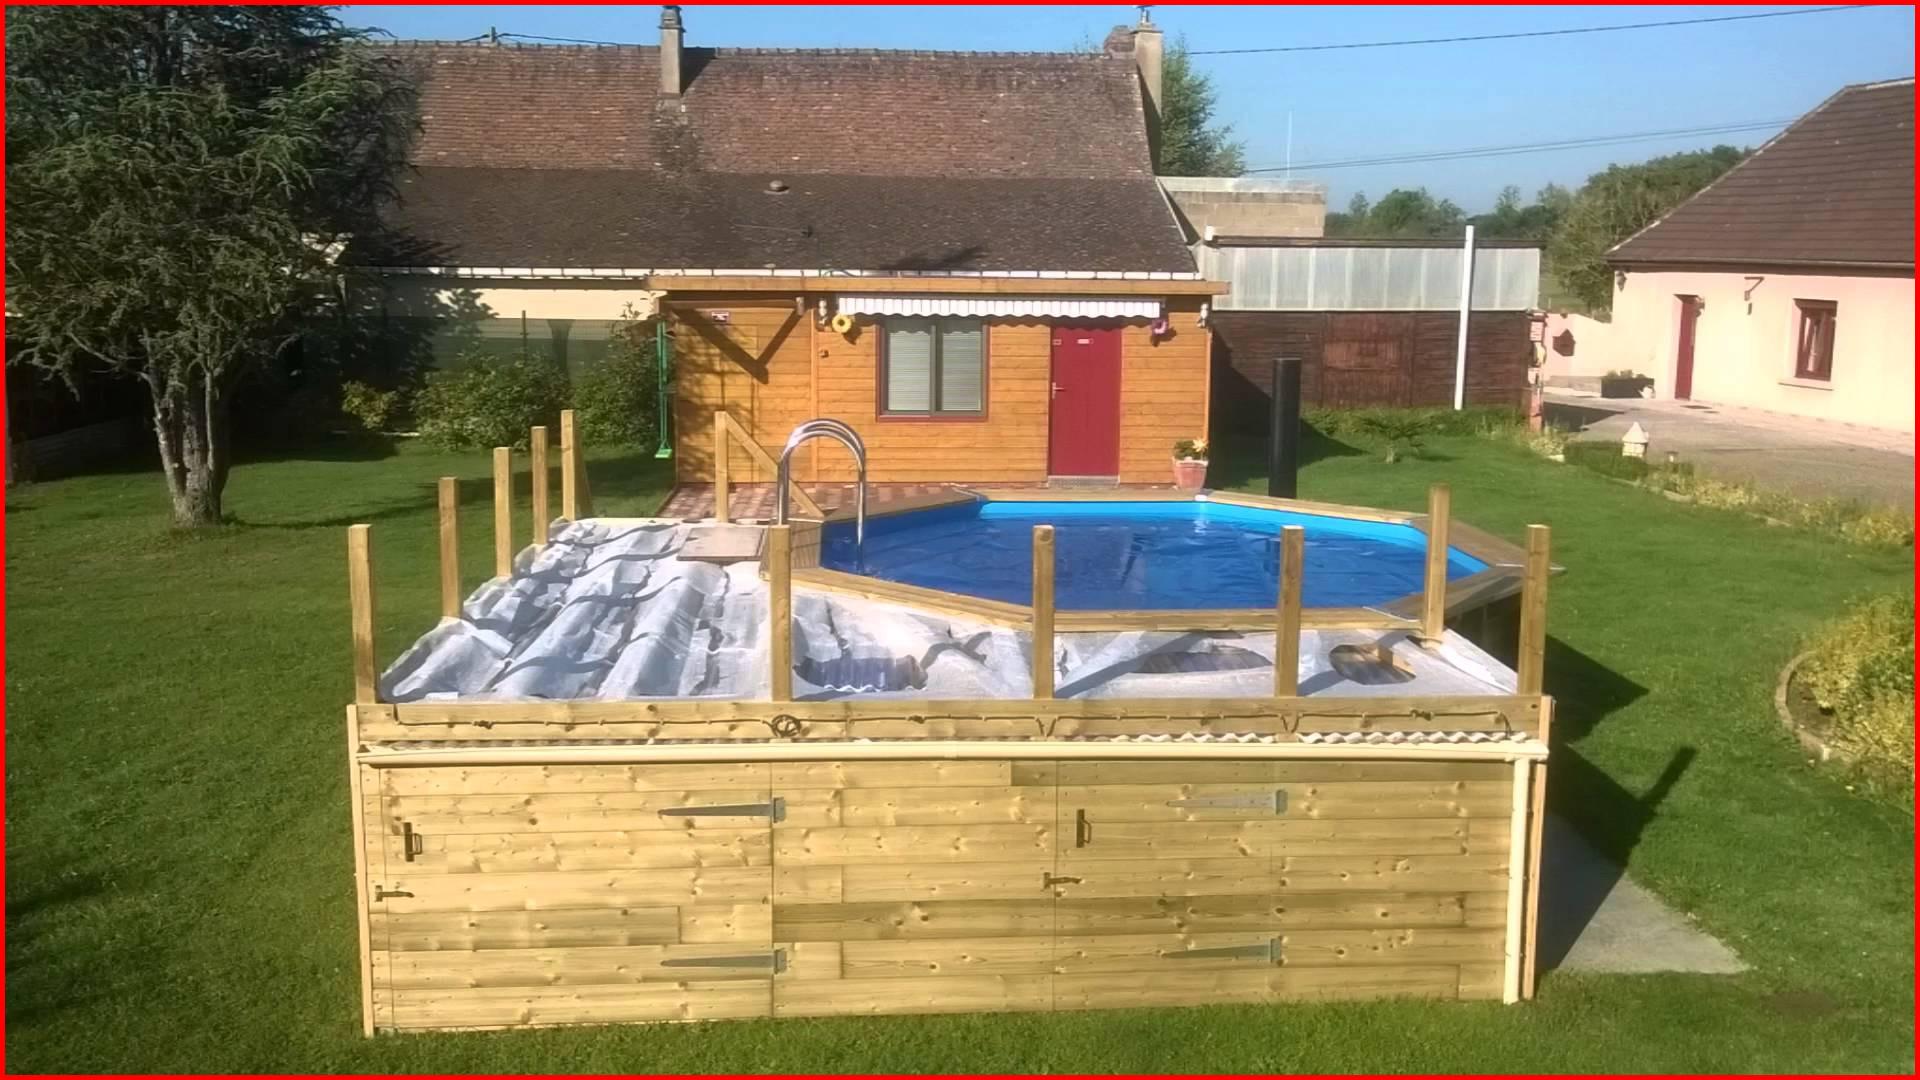 terrasse bois piscine hors sol tubulaire. Black Bedroom Furniture Sets. Home Design Ideas